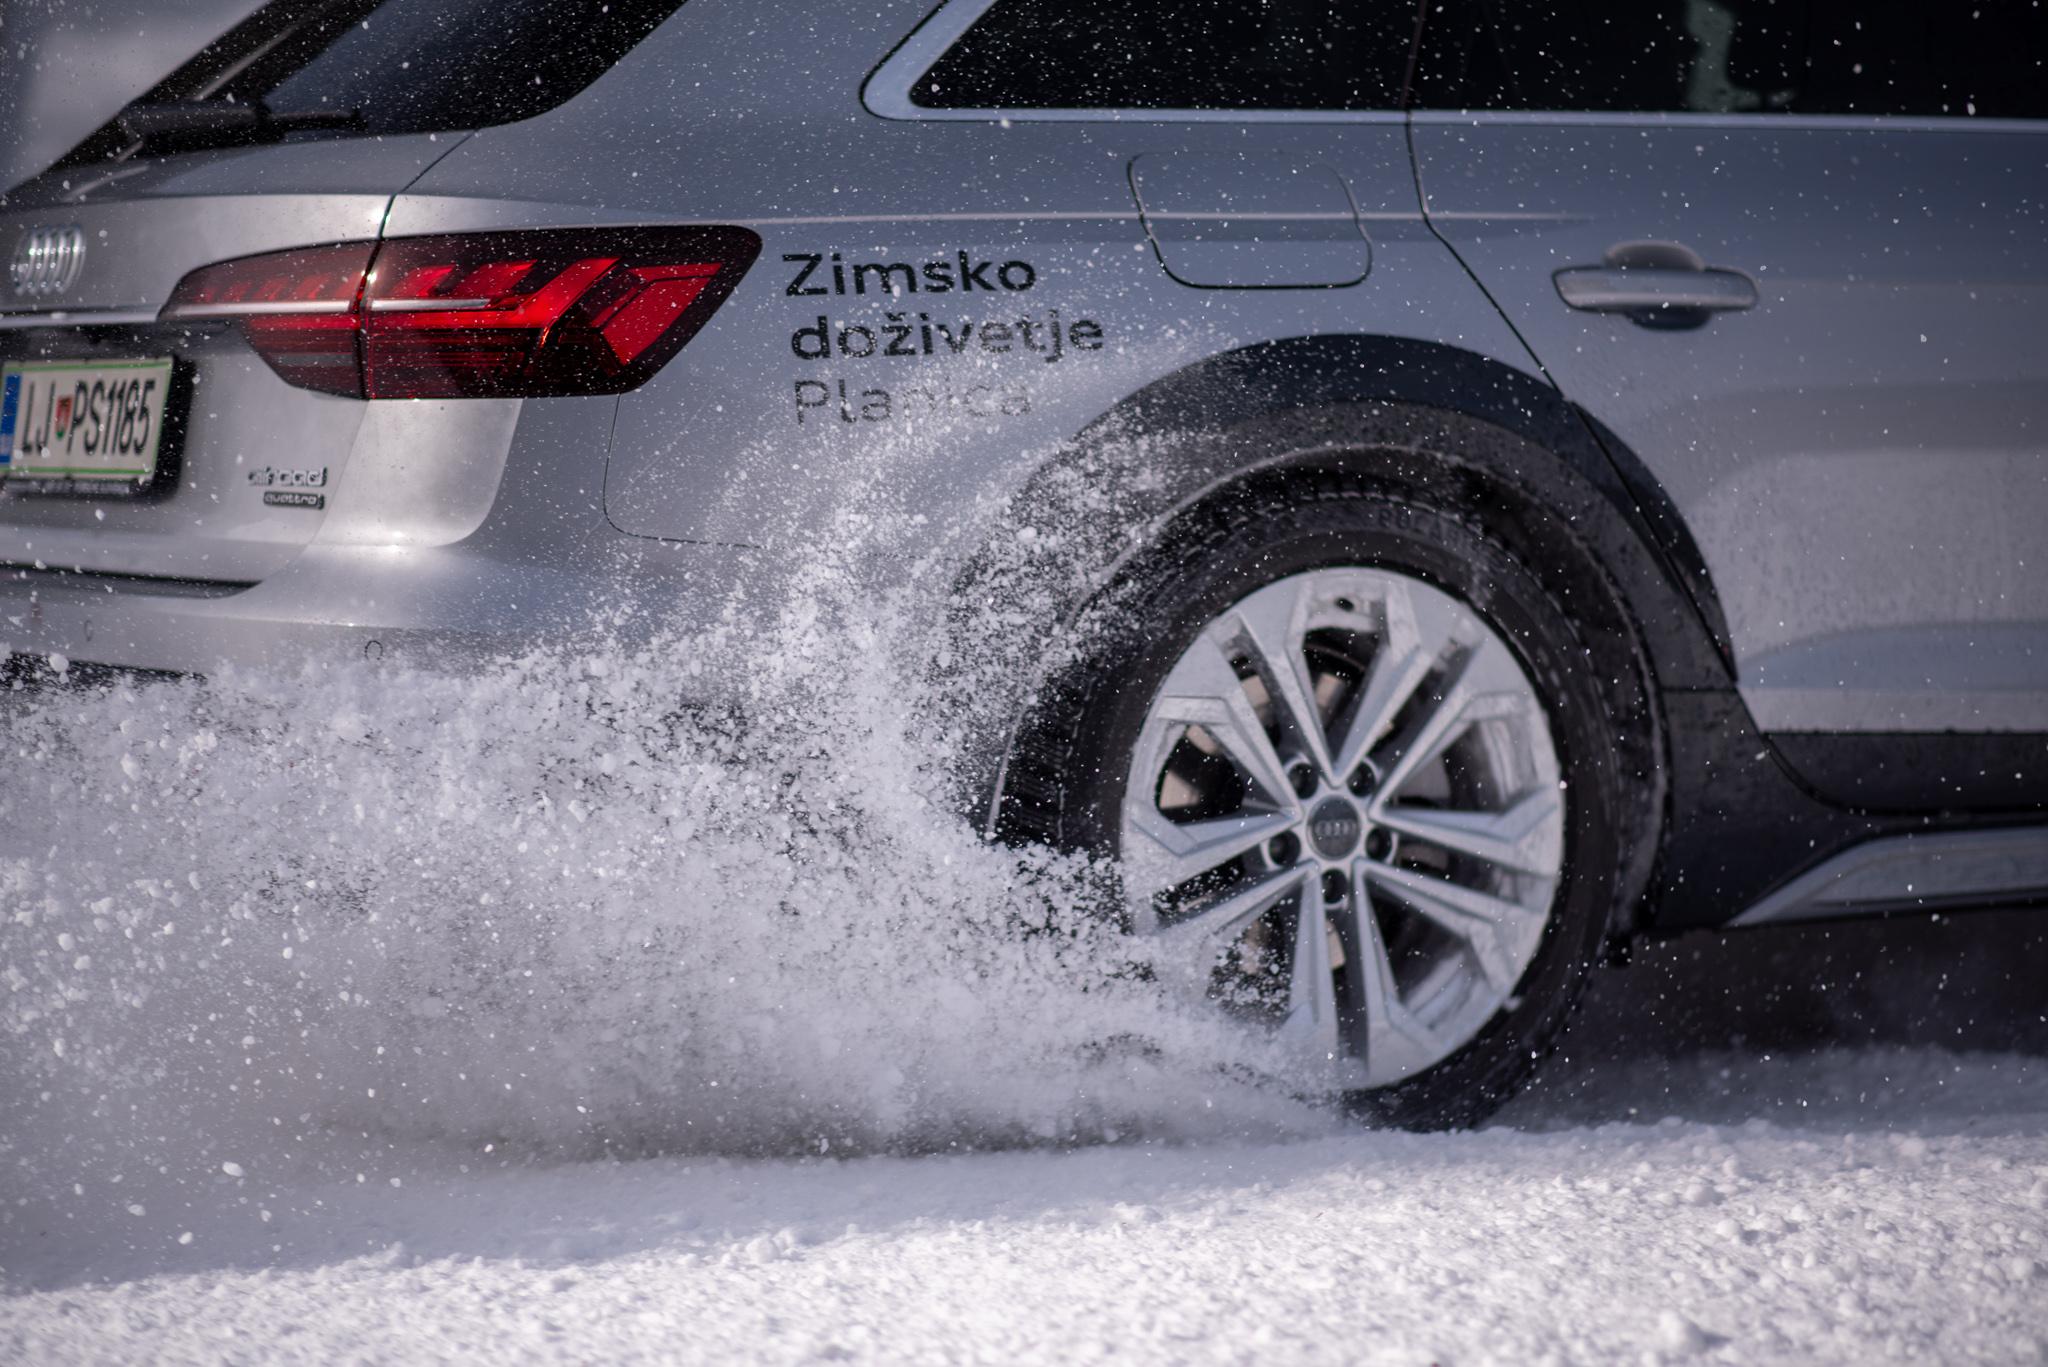 Slika zadnjega dela Audi quattro vozila, med vožnjo na snegu